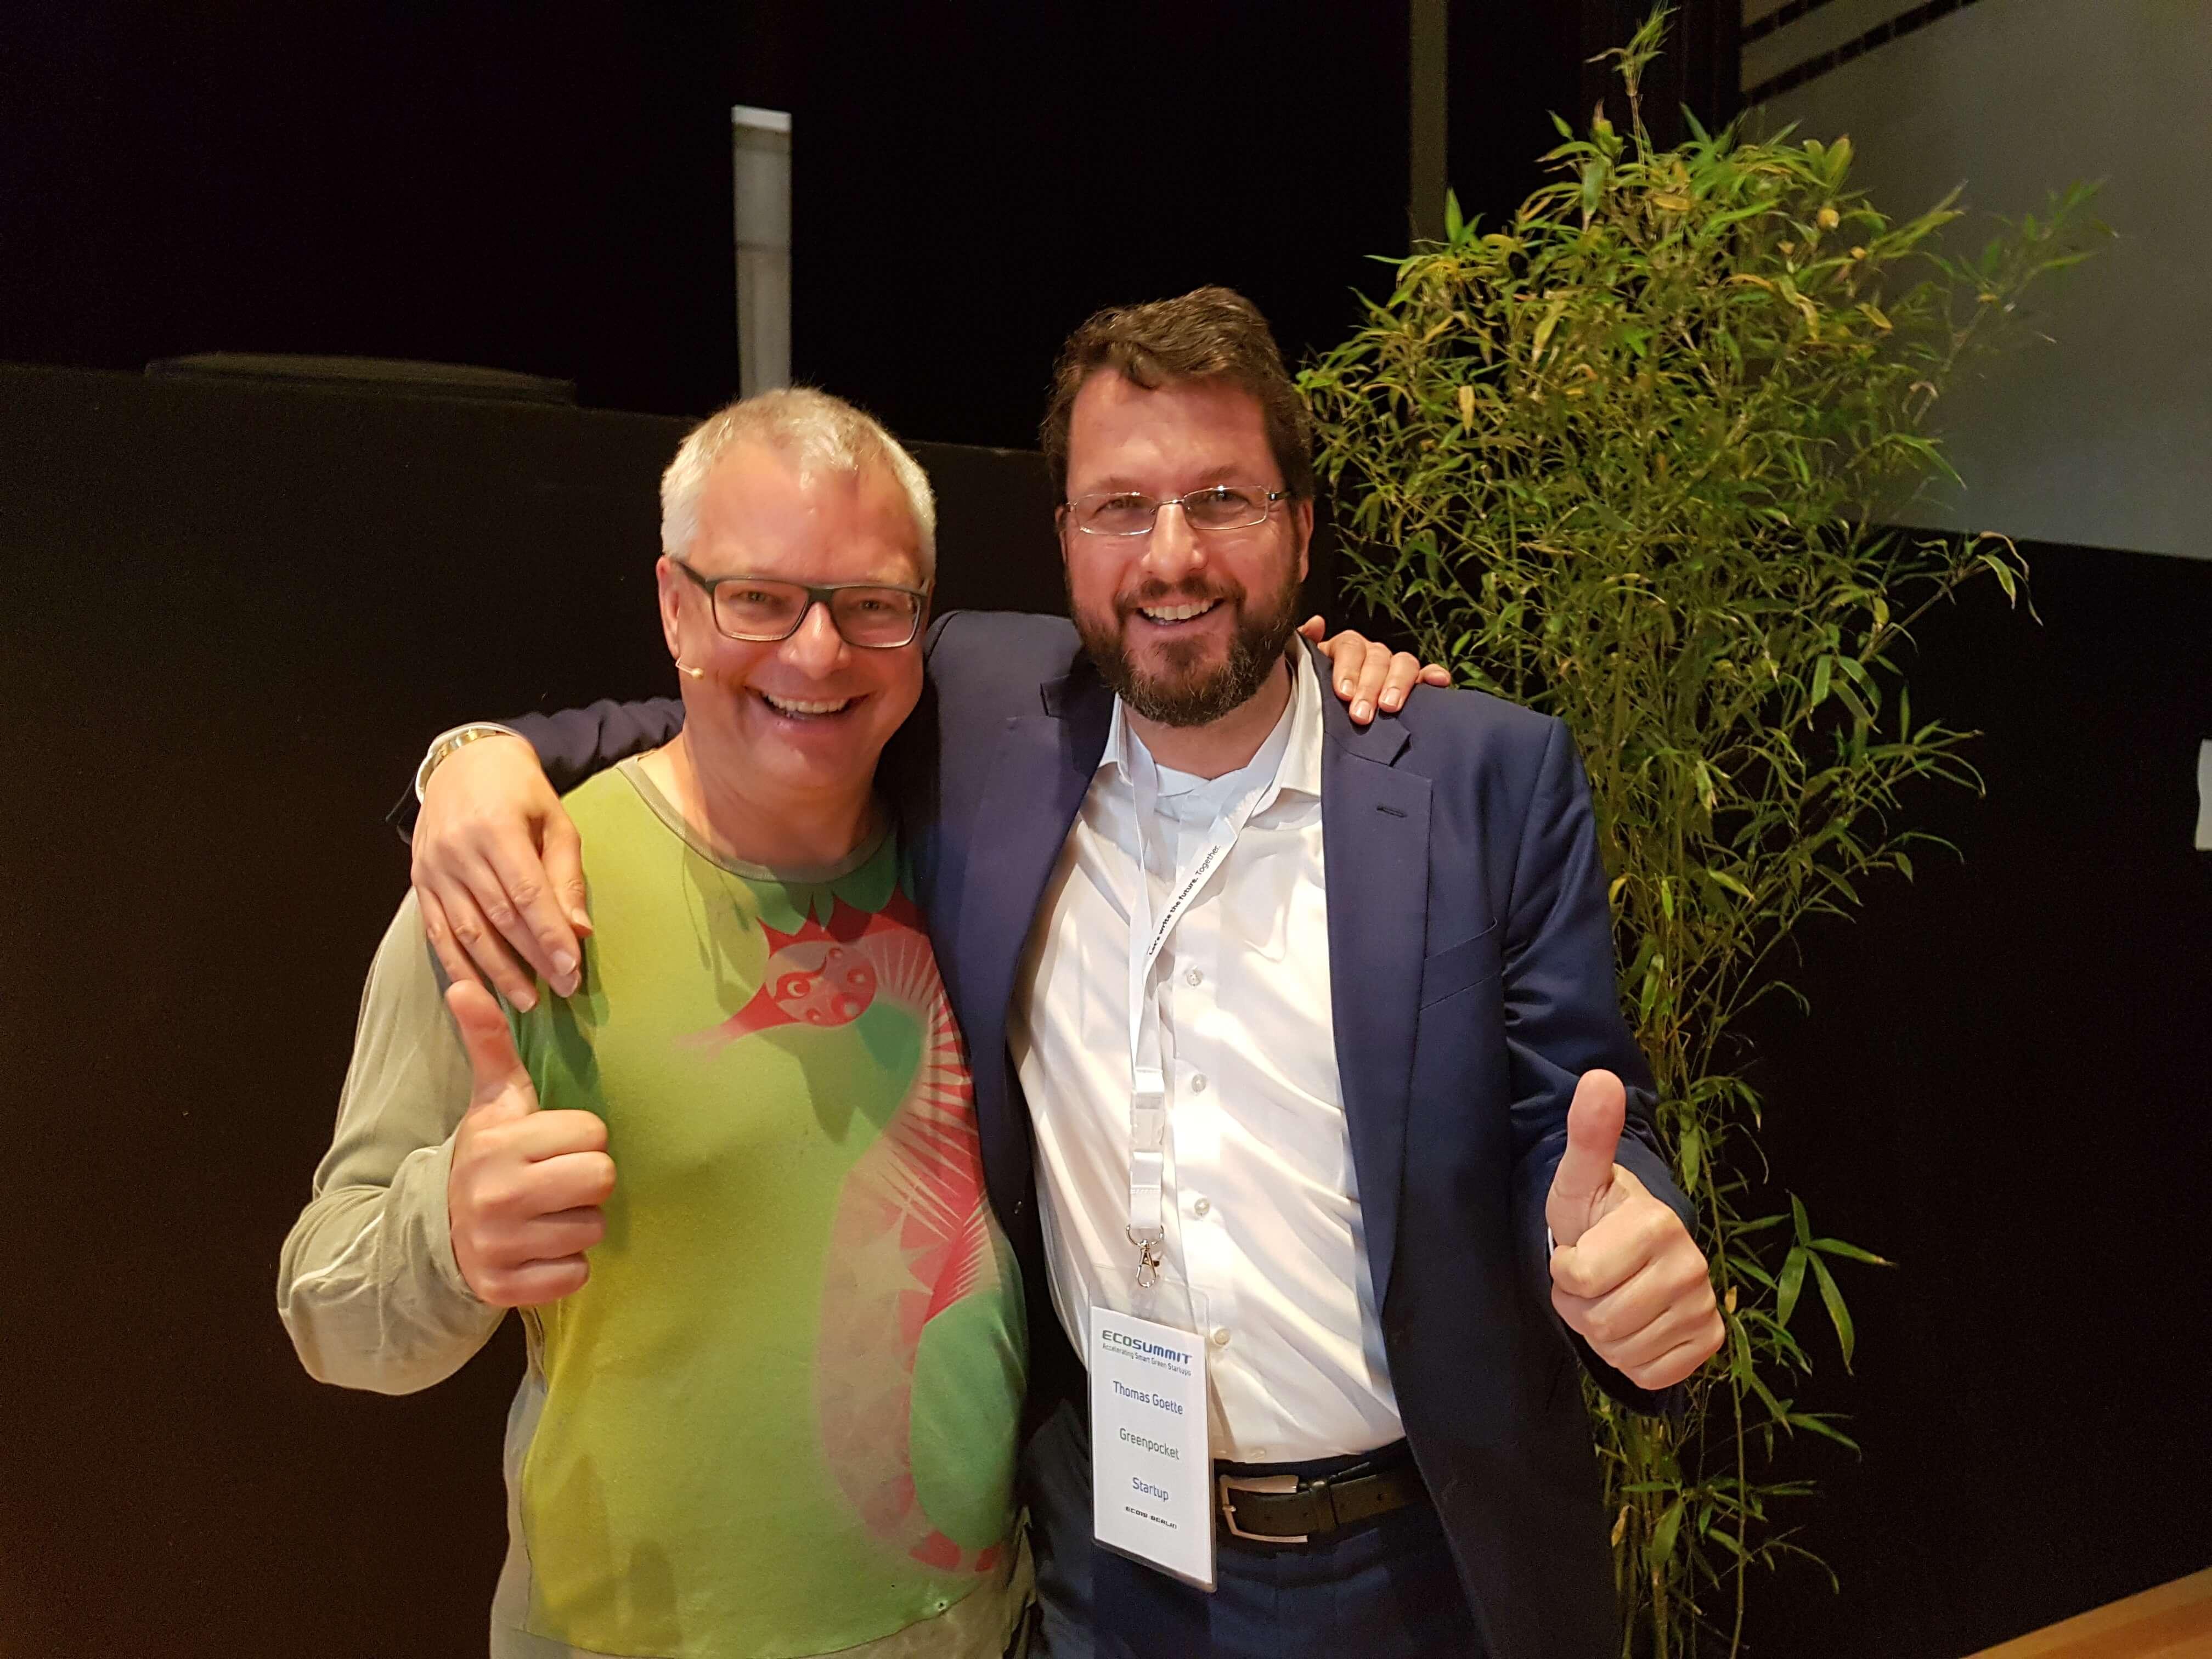 Jan Michael Hess und Dr. Thomas Goette auf dem Ecosummit 2019